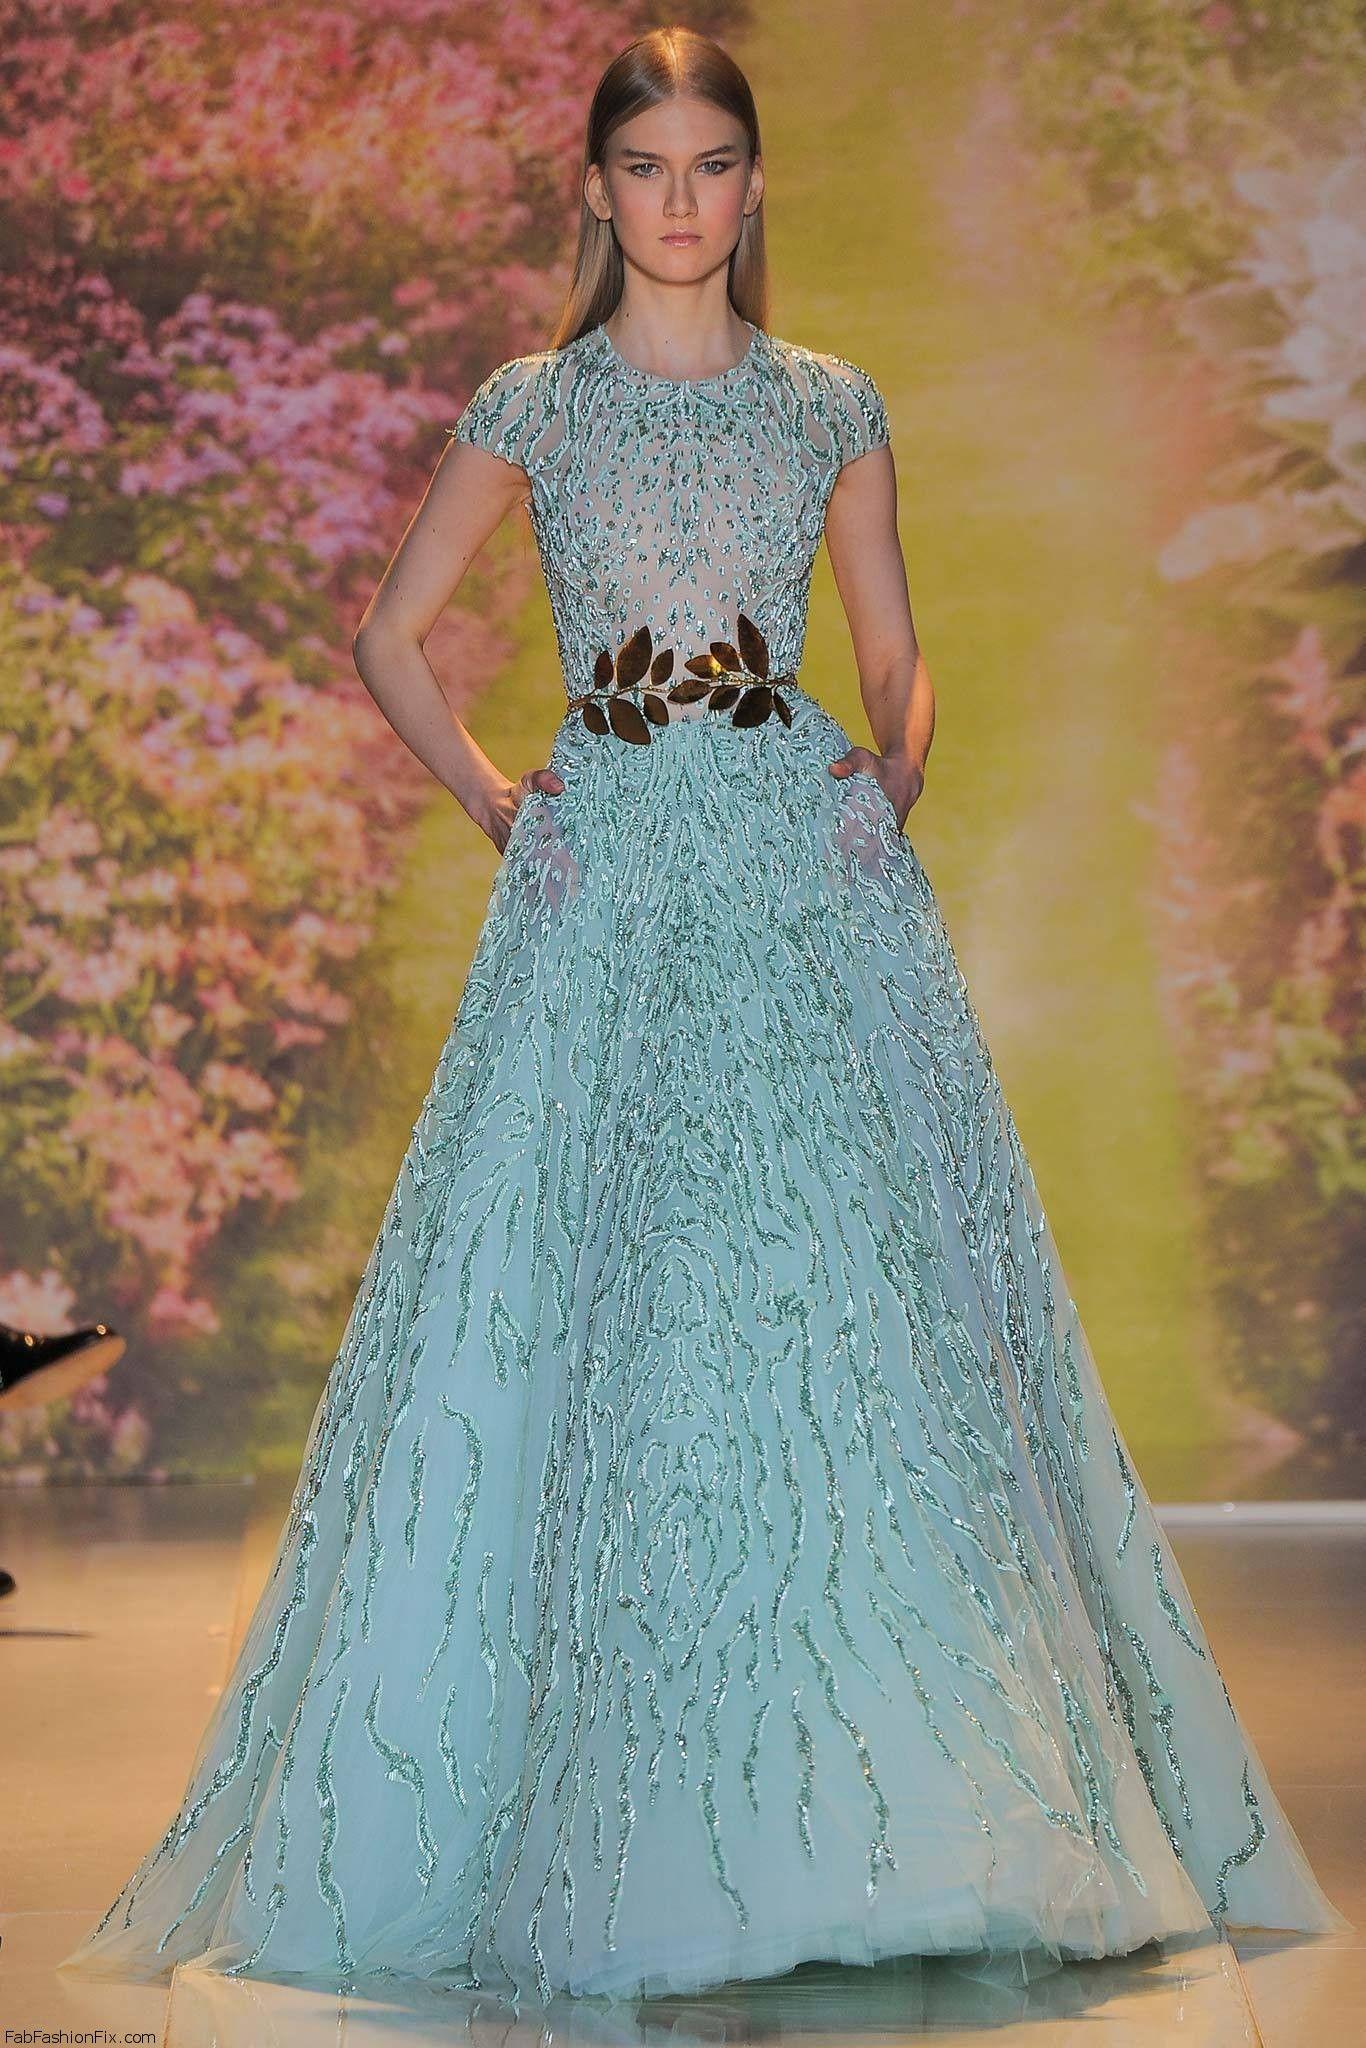 Zuhair Murad Haute Couture spring 2014 collection | Vestidos de ...